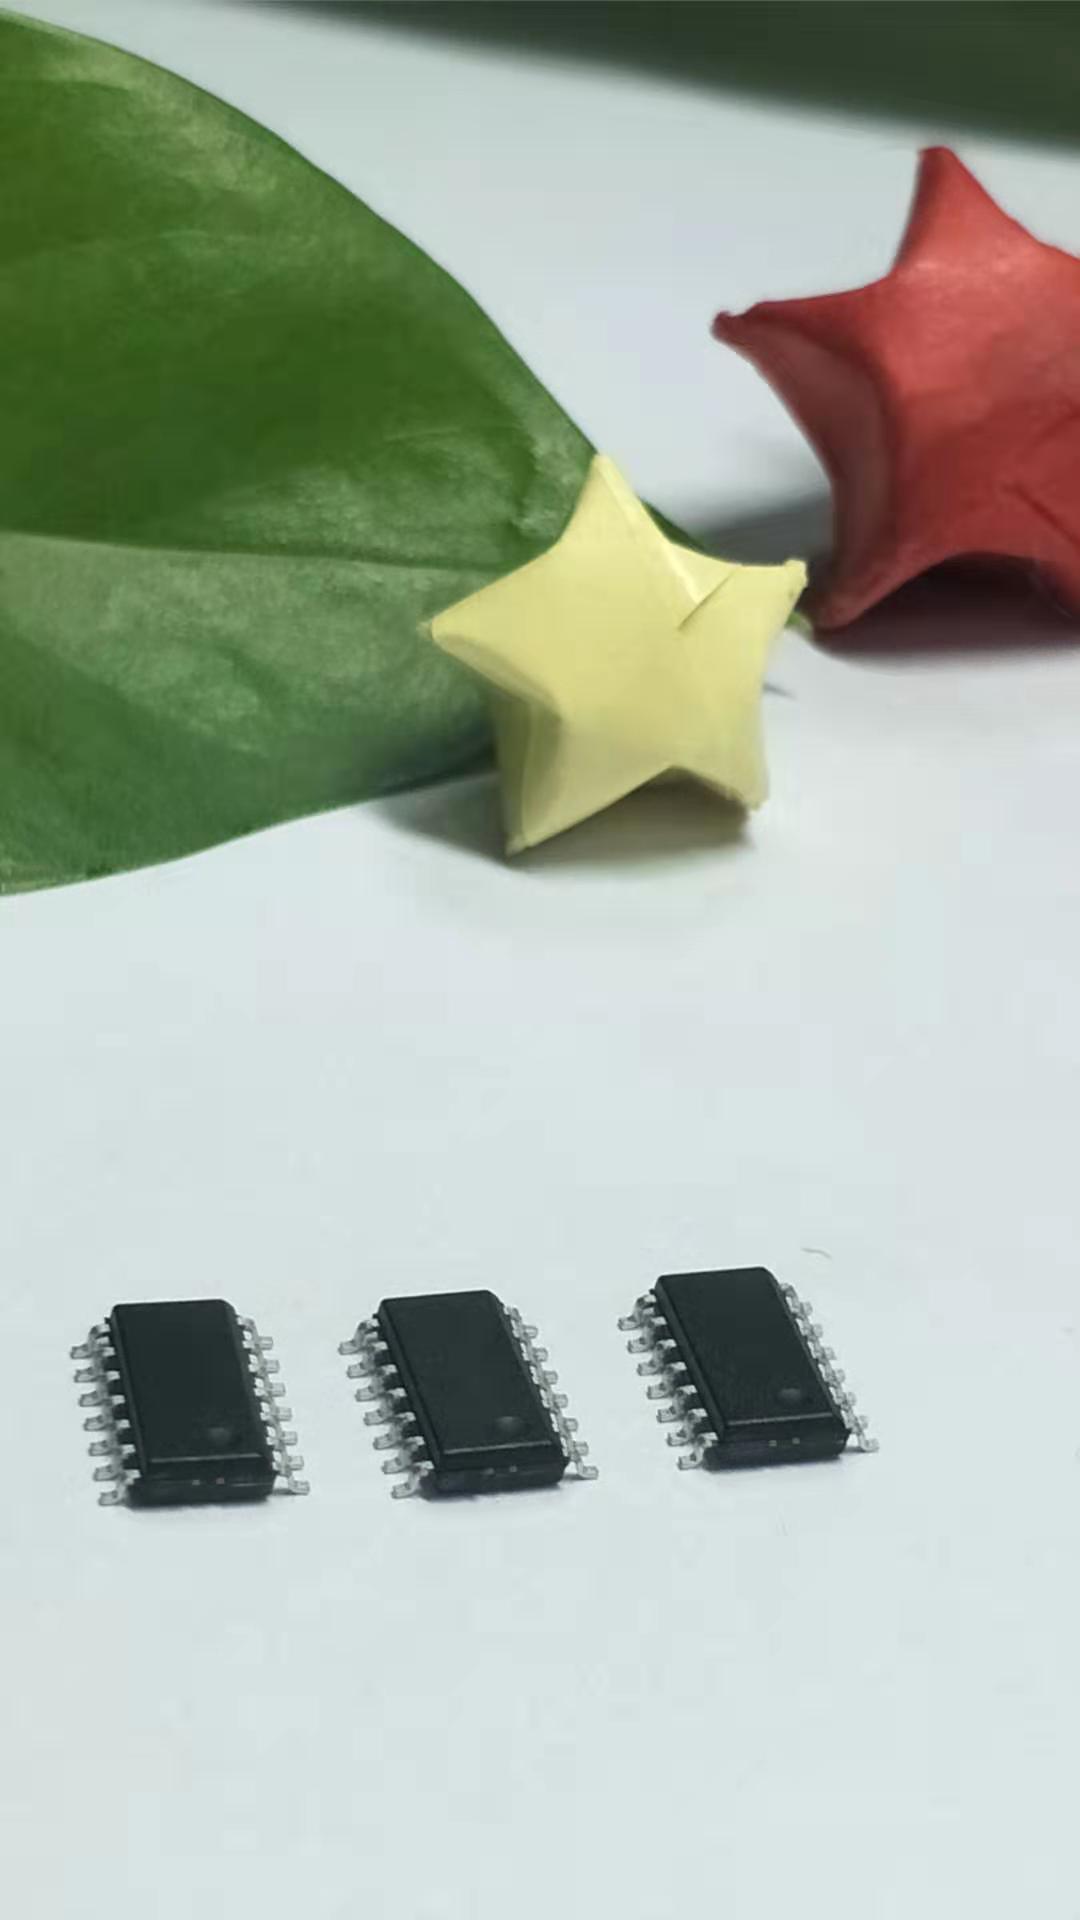 觸摸臺燈芯片IC方案 觸摸臺燈芯片方案 堅固美觀 經久耐用